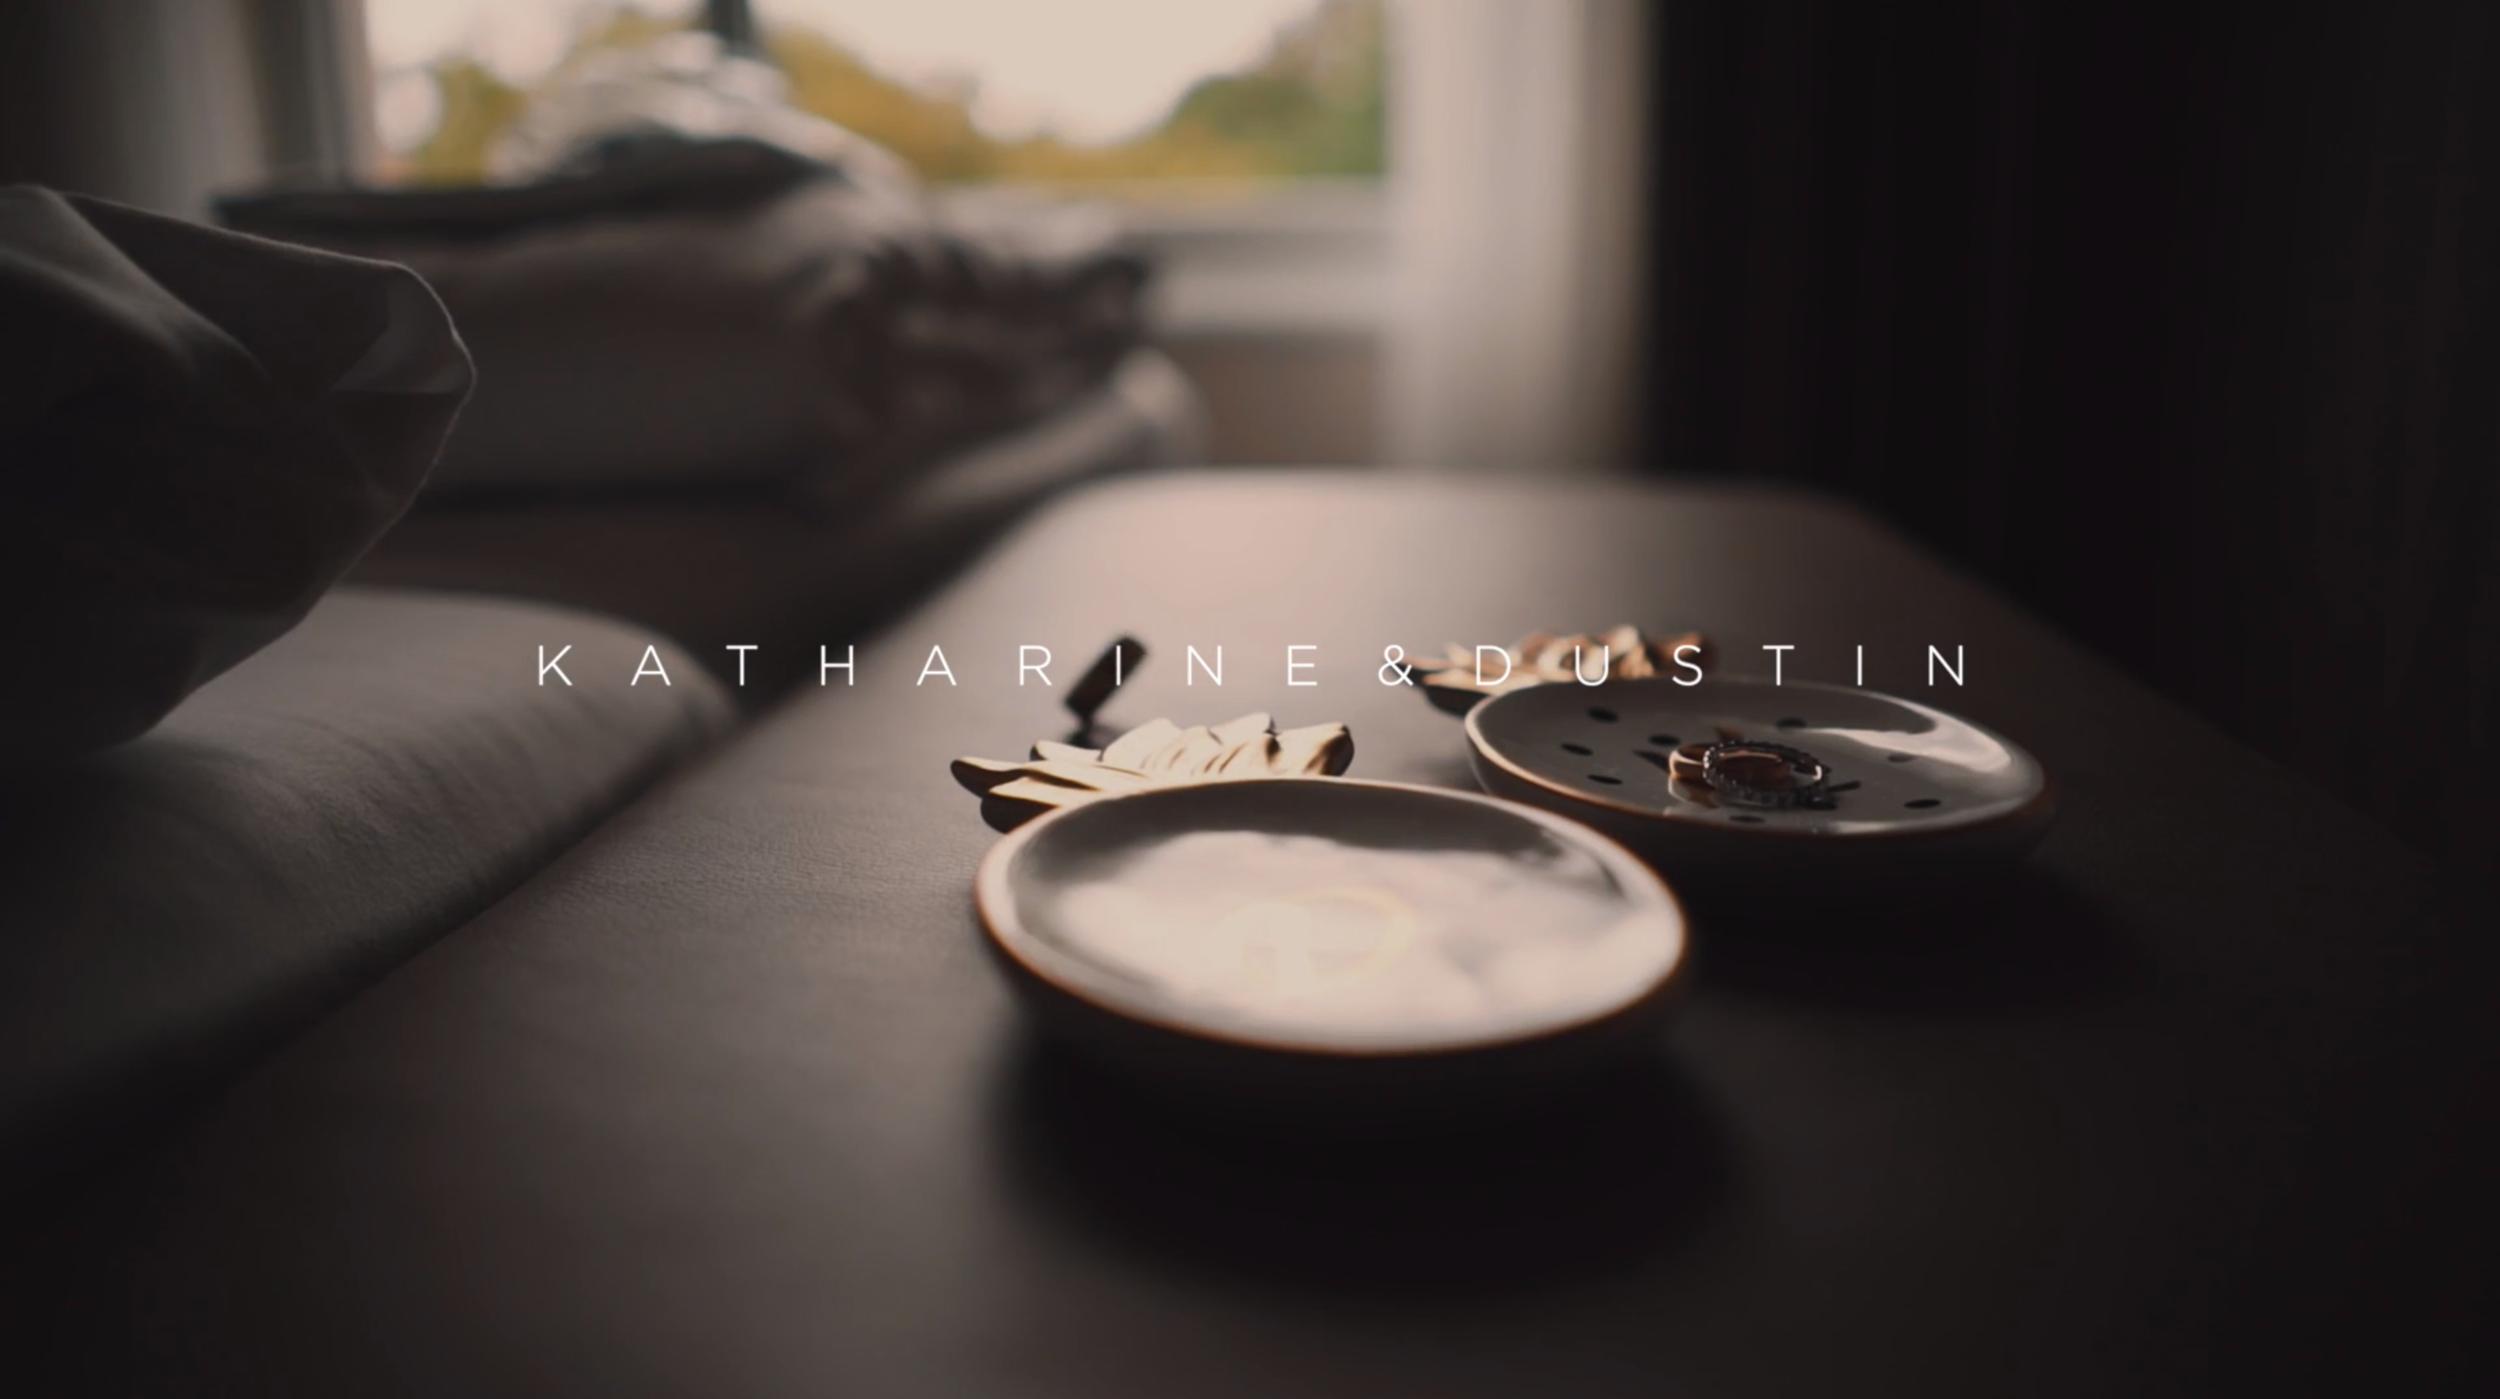 KATHERINE & DUSTIN / BRAUNSCHWEIG